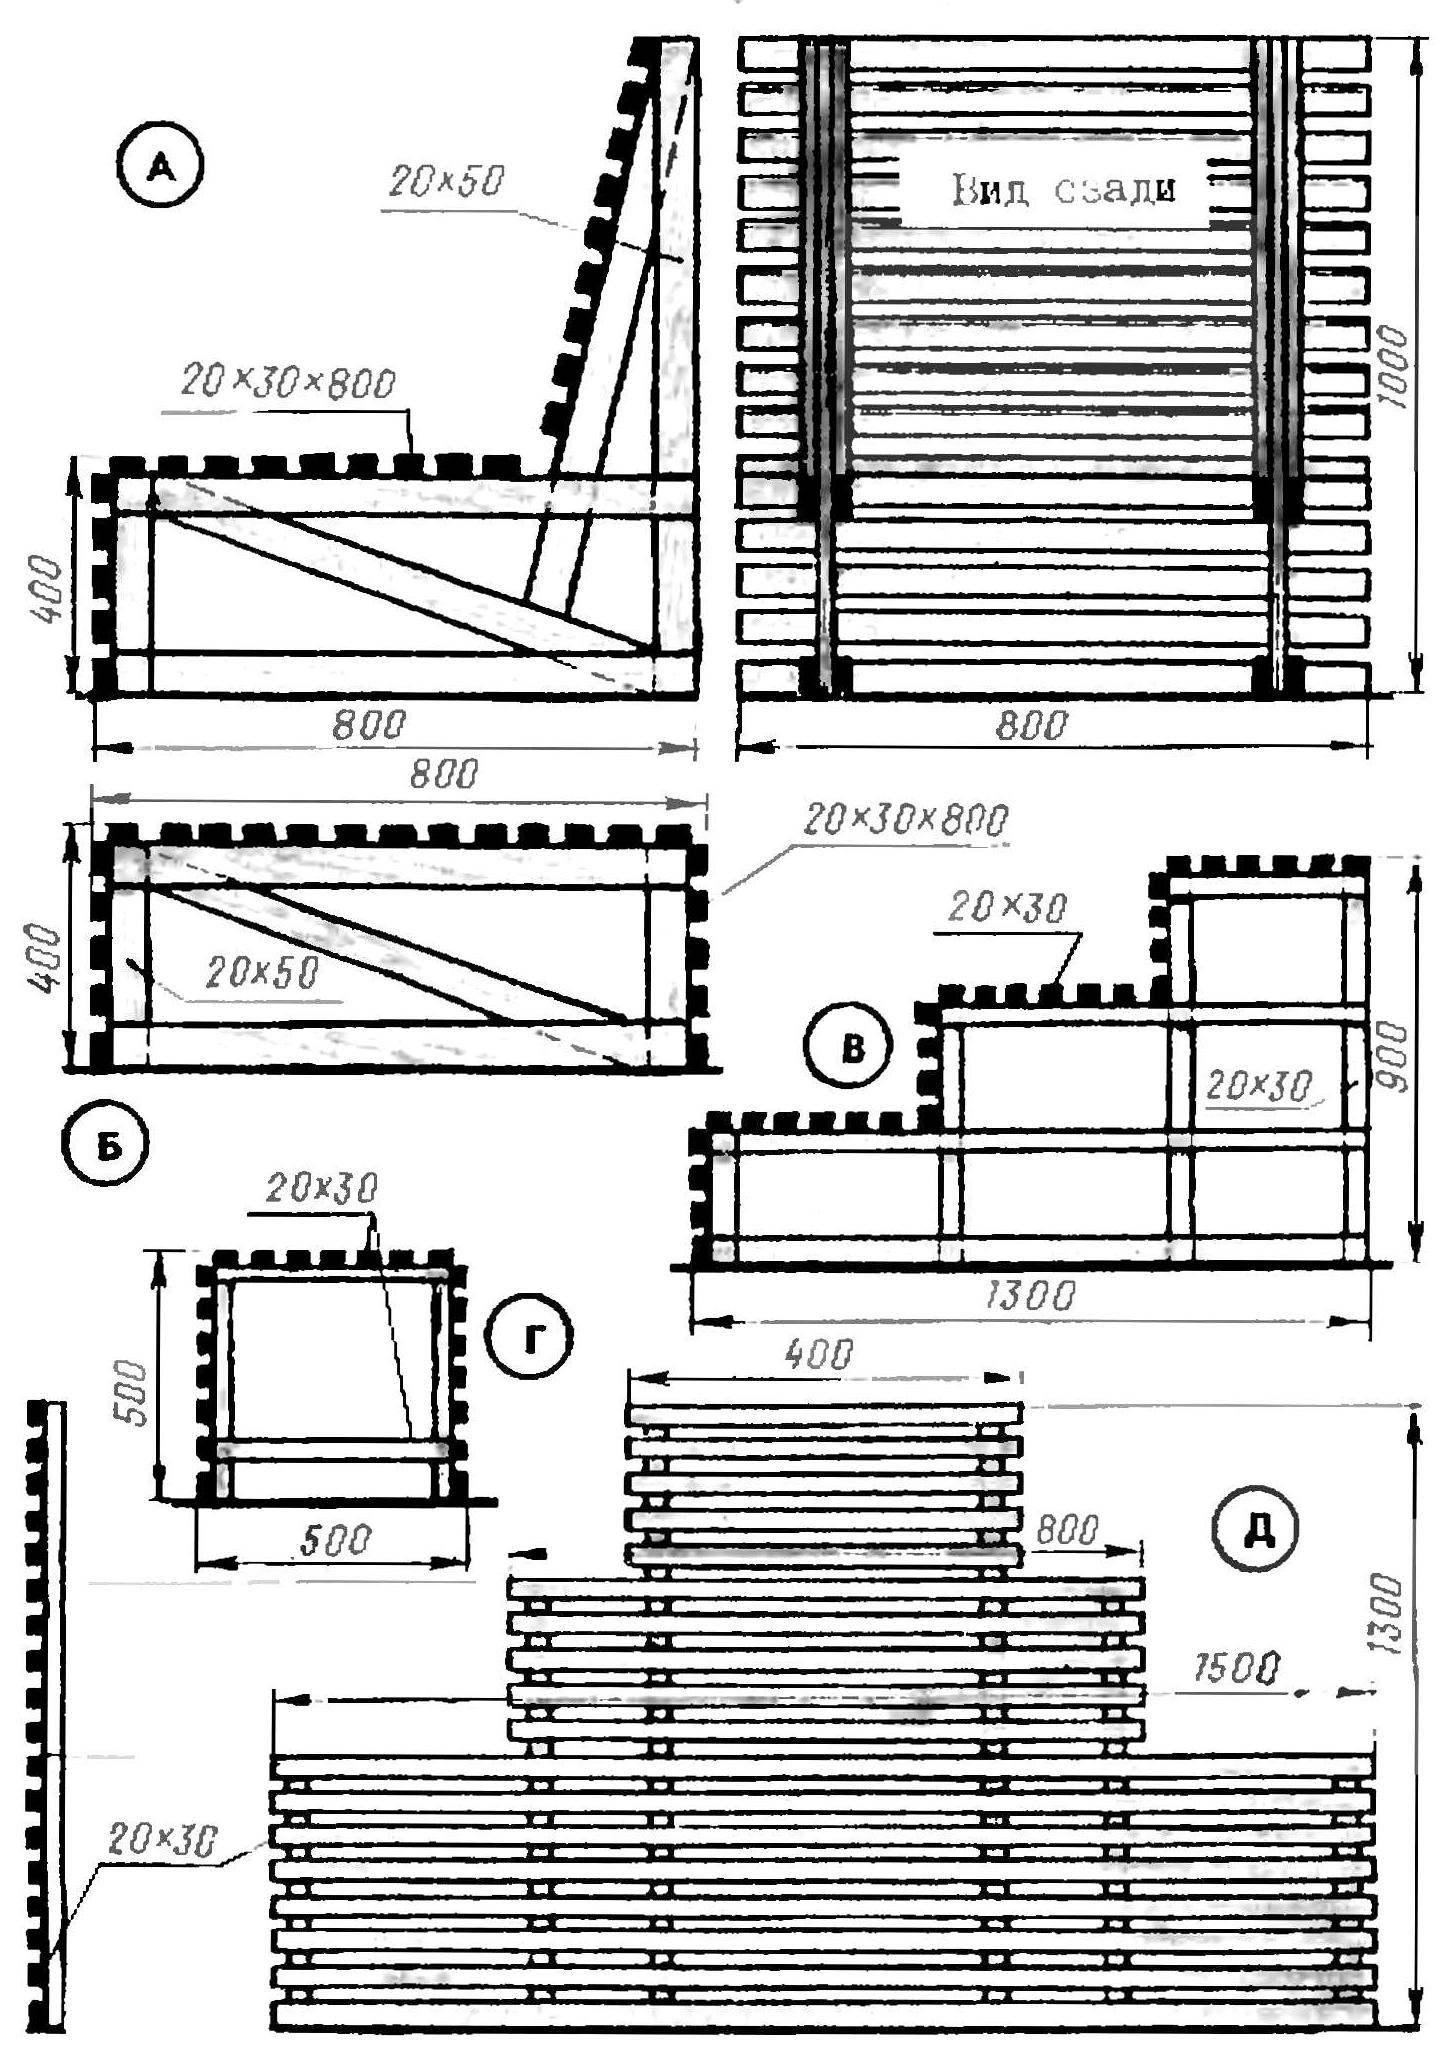 Комплект дачной мебели